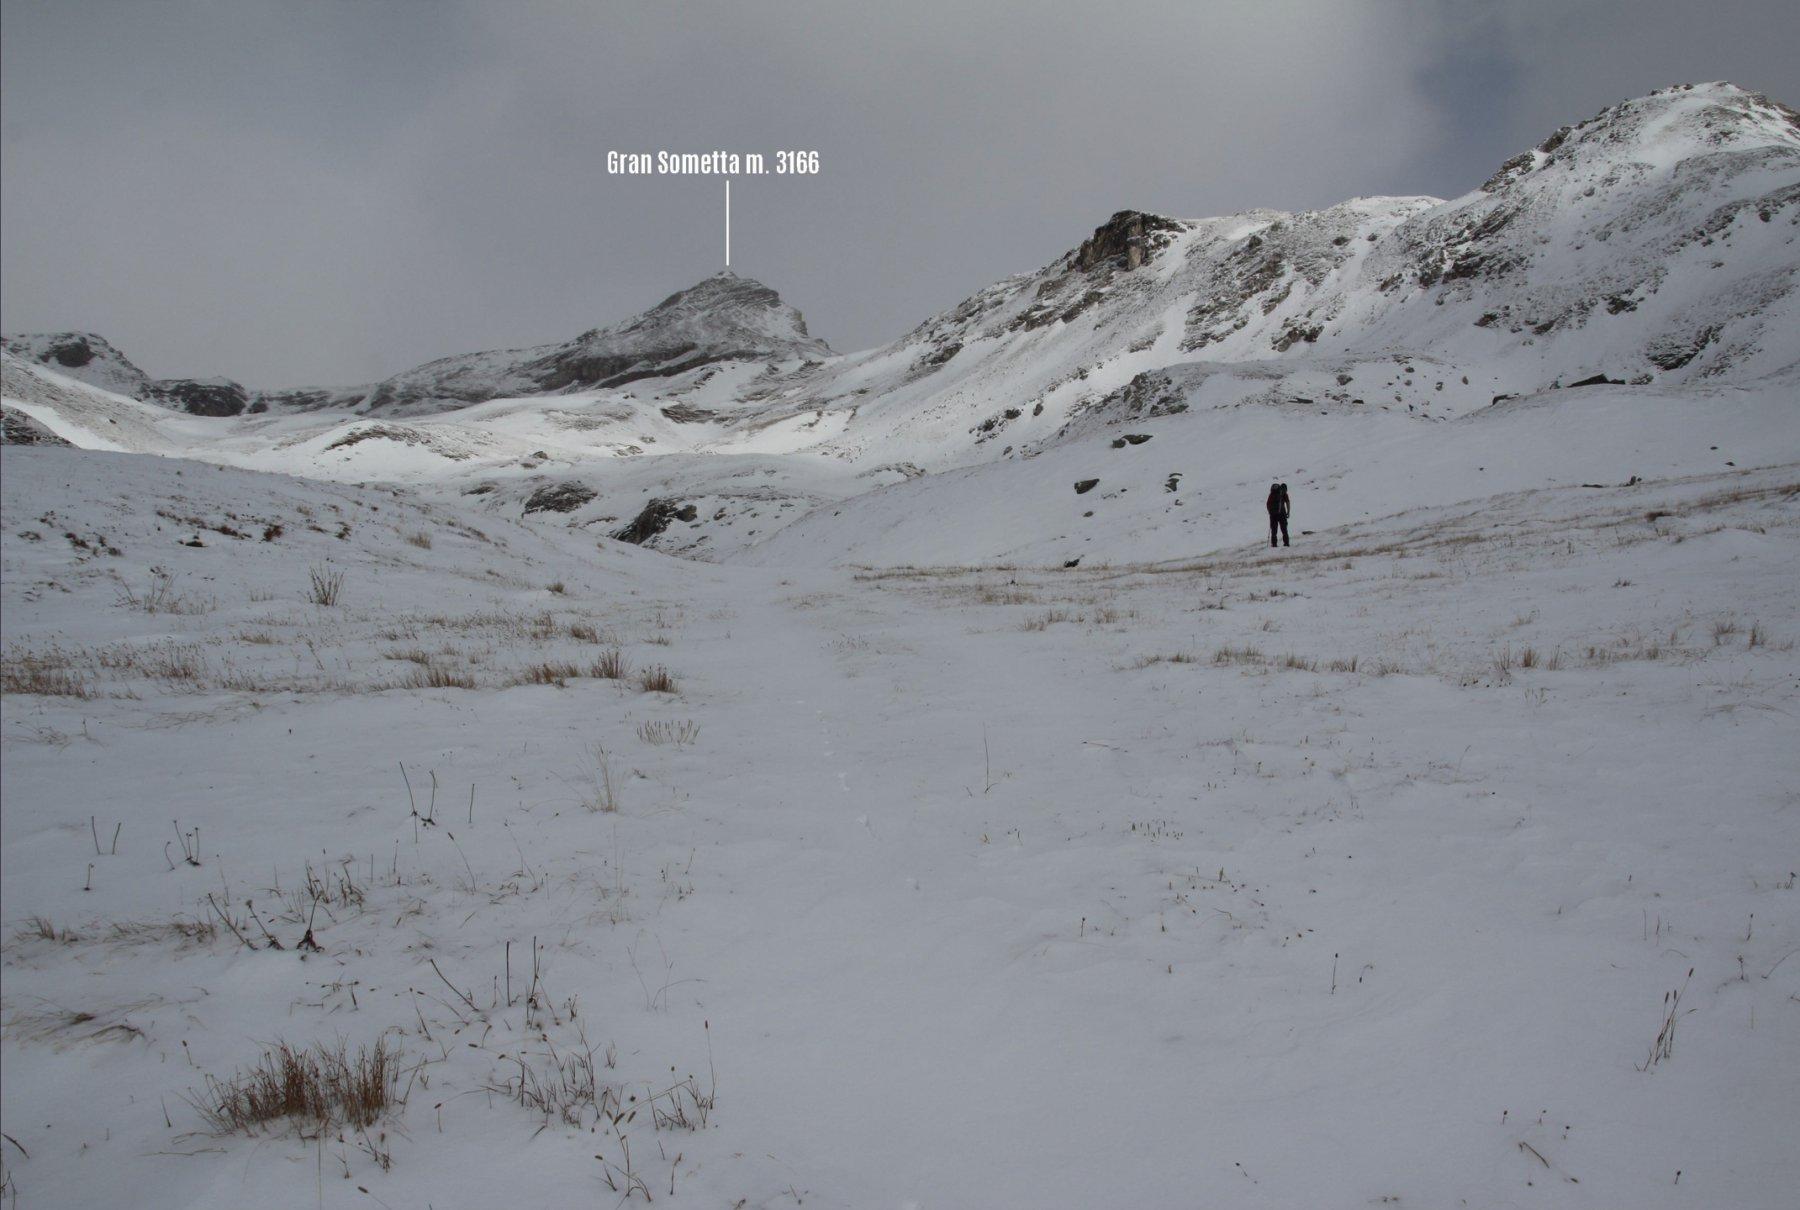 la nostra meta è ben visibile in alto, osservata da quota 2650 m